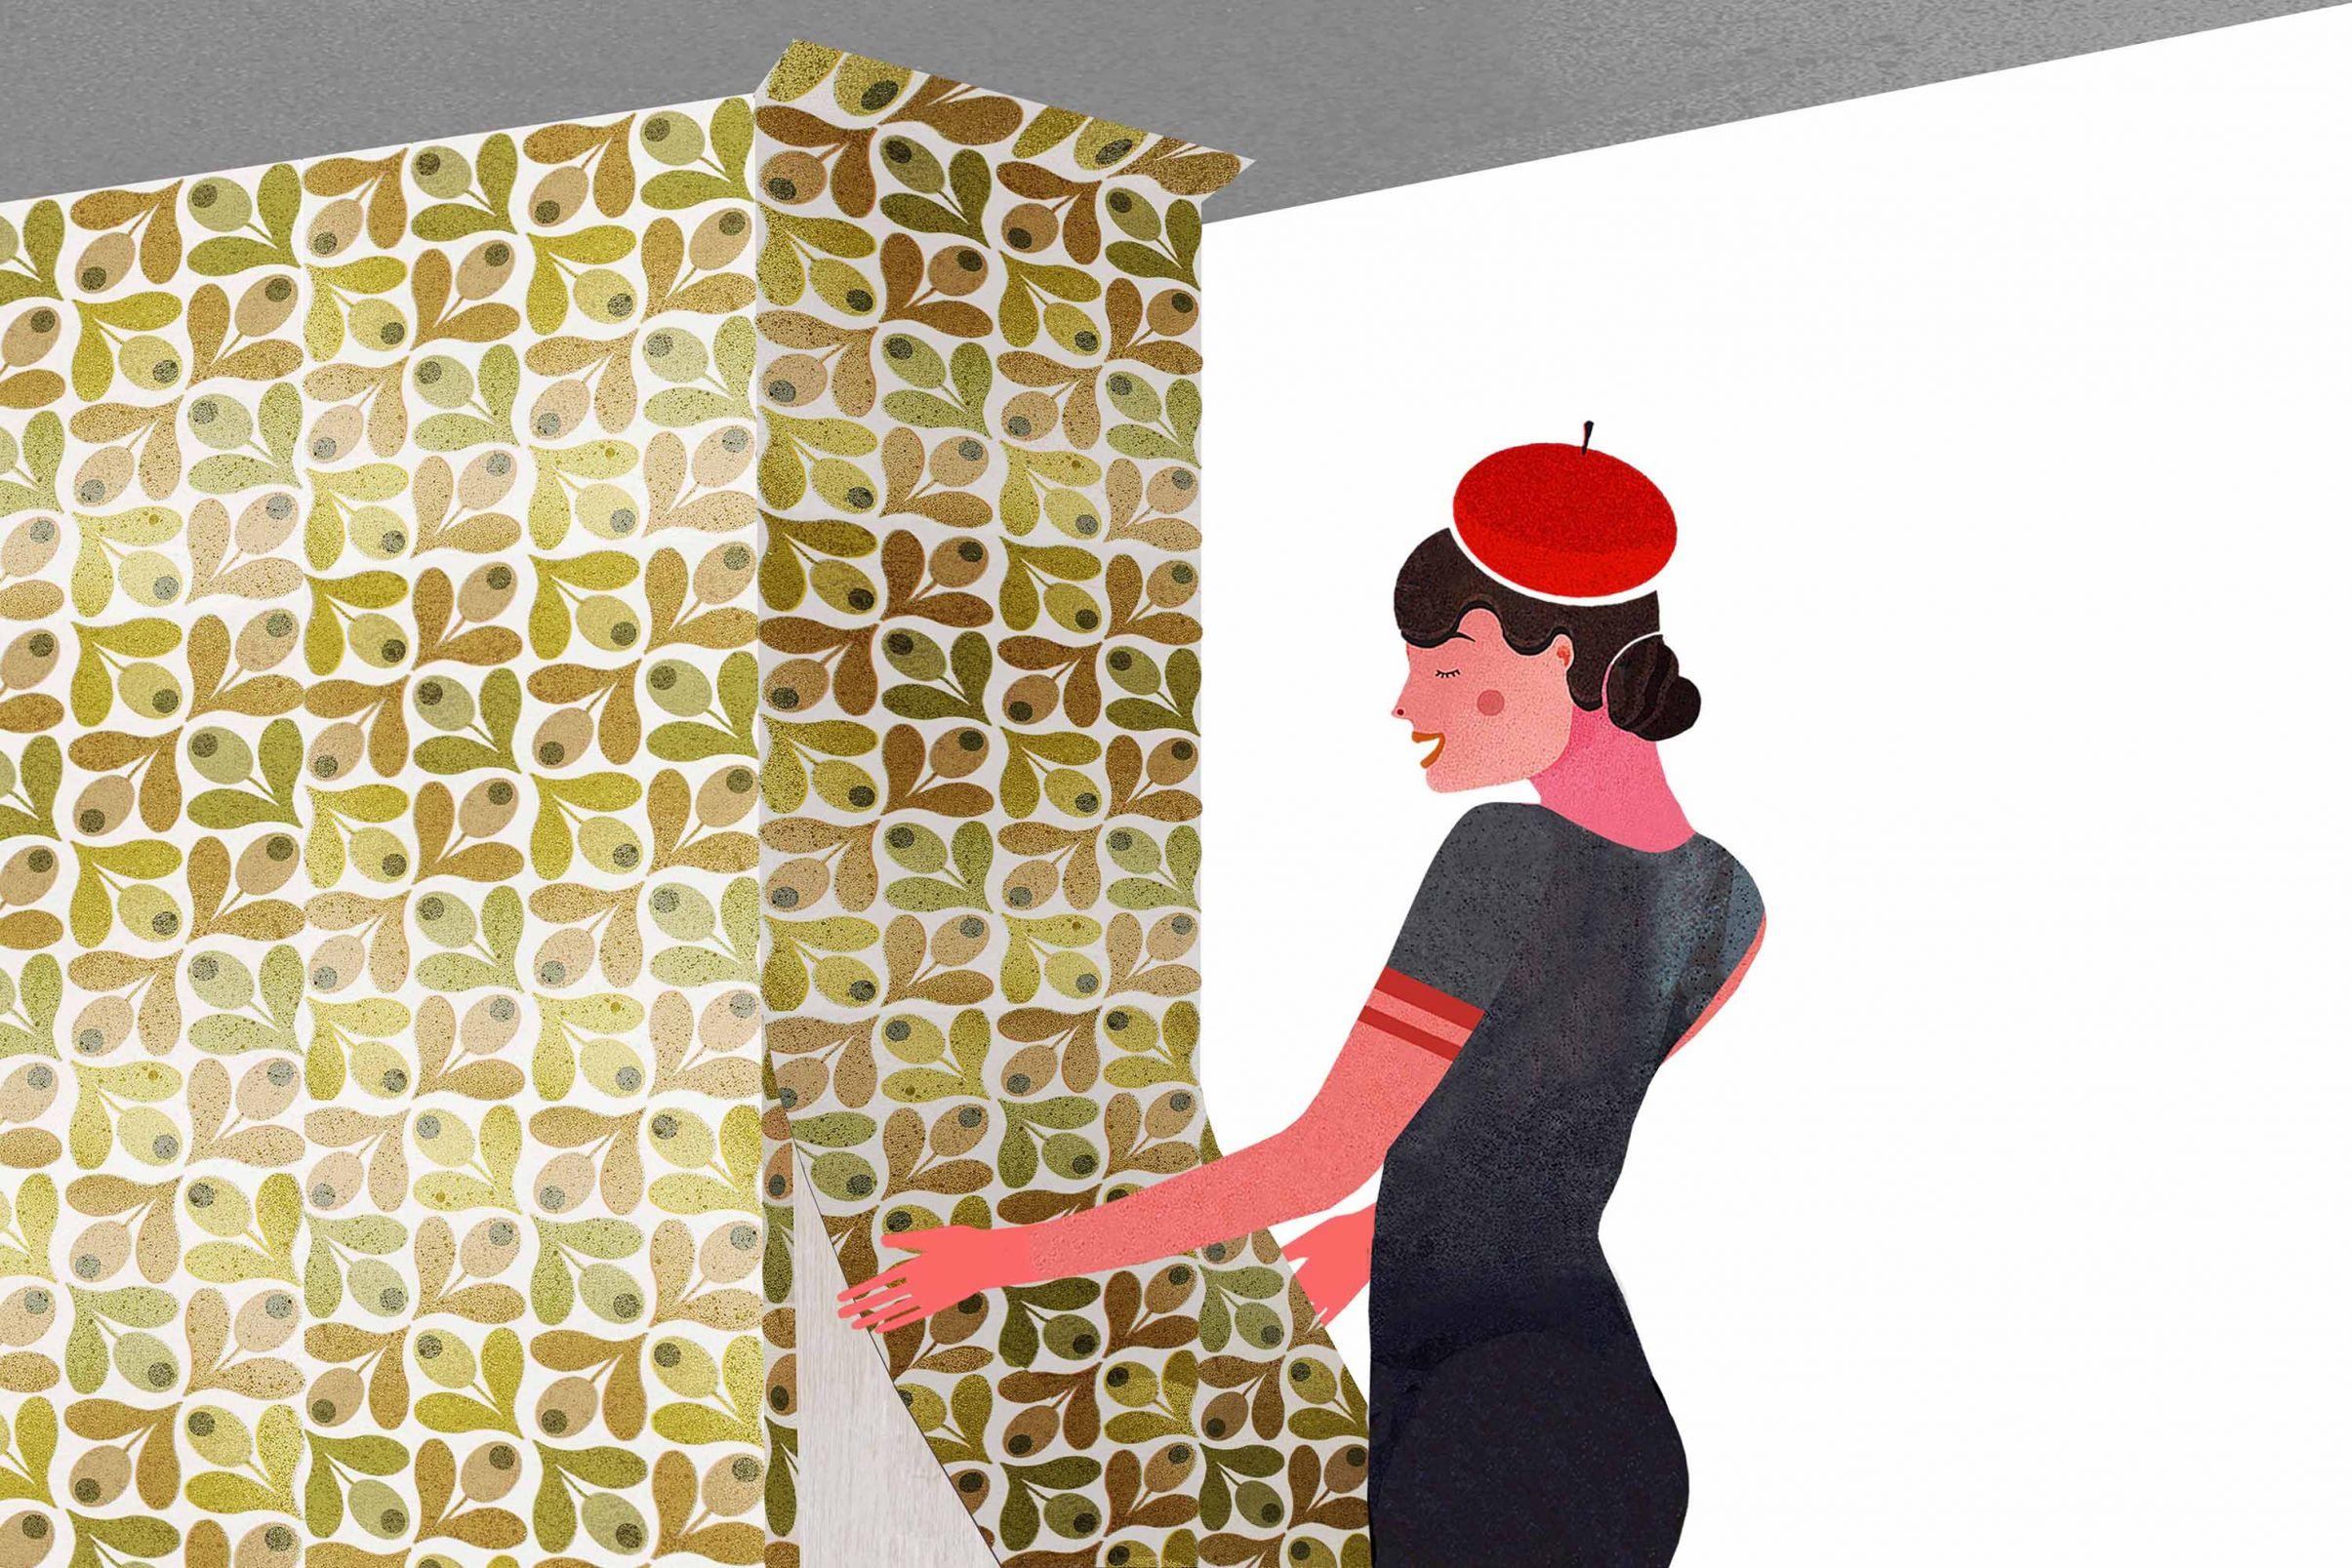 Como-colocar-papel-de-parede-em-cantos-Colocar-uma-faixa-de-papel-de-parede-em-torno-dos-cantos-externos